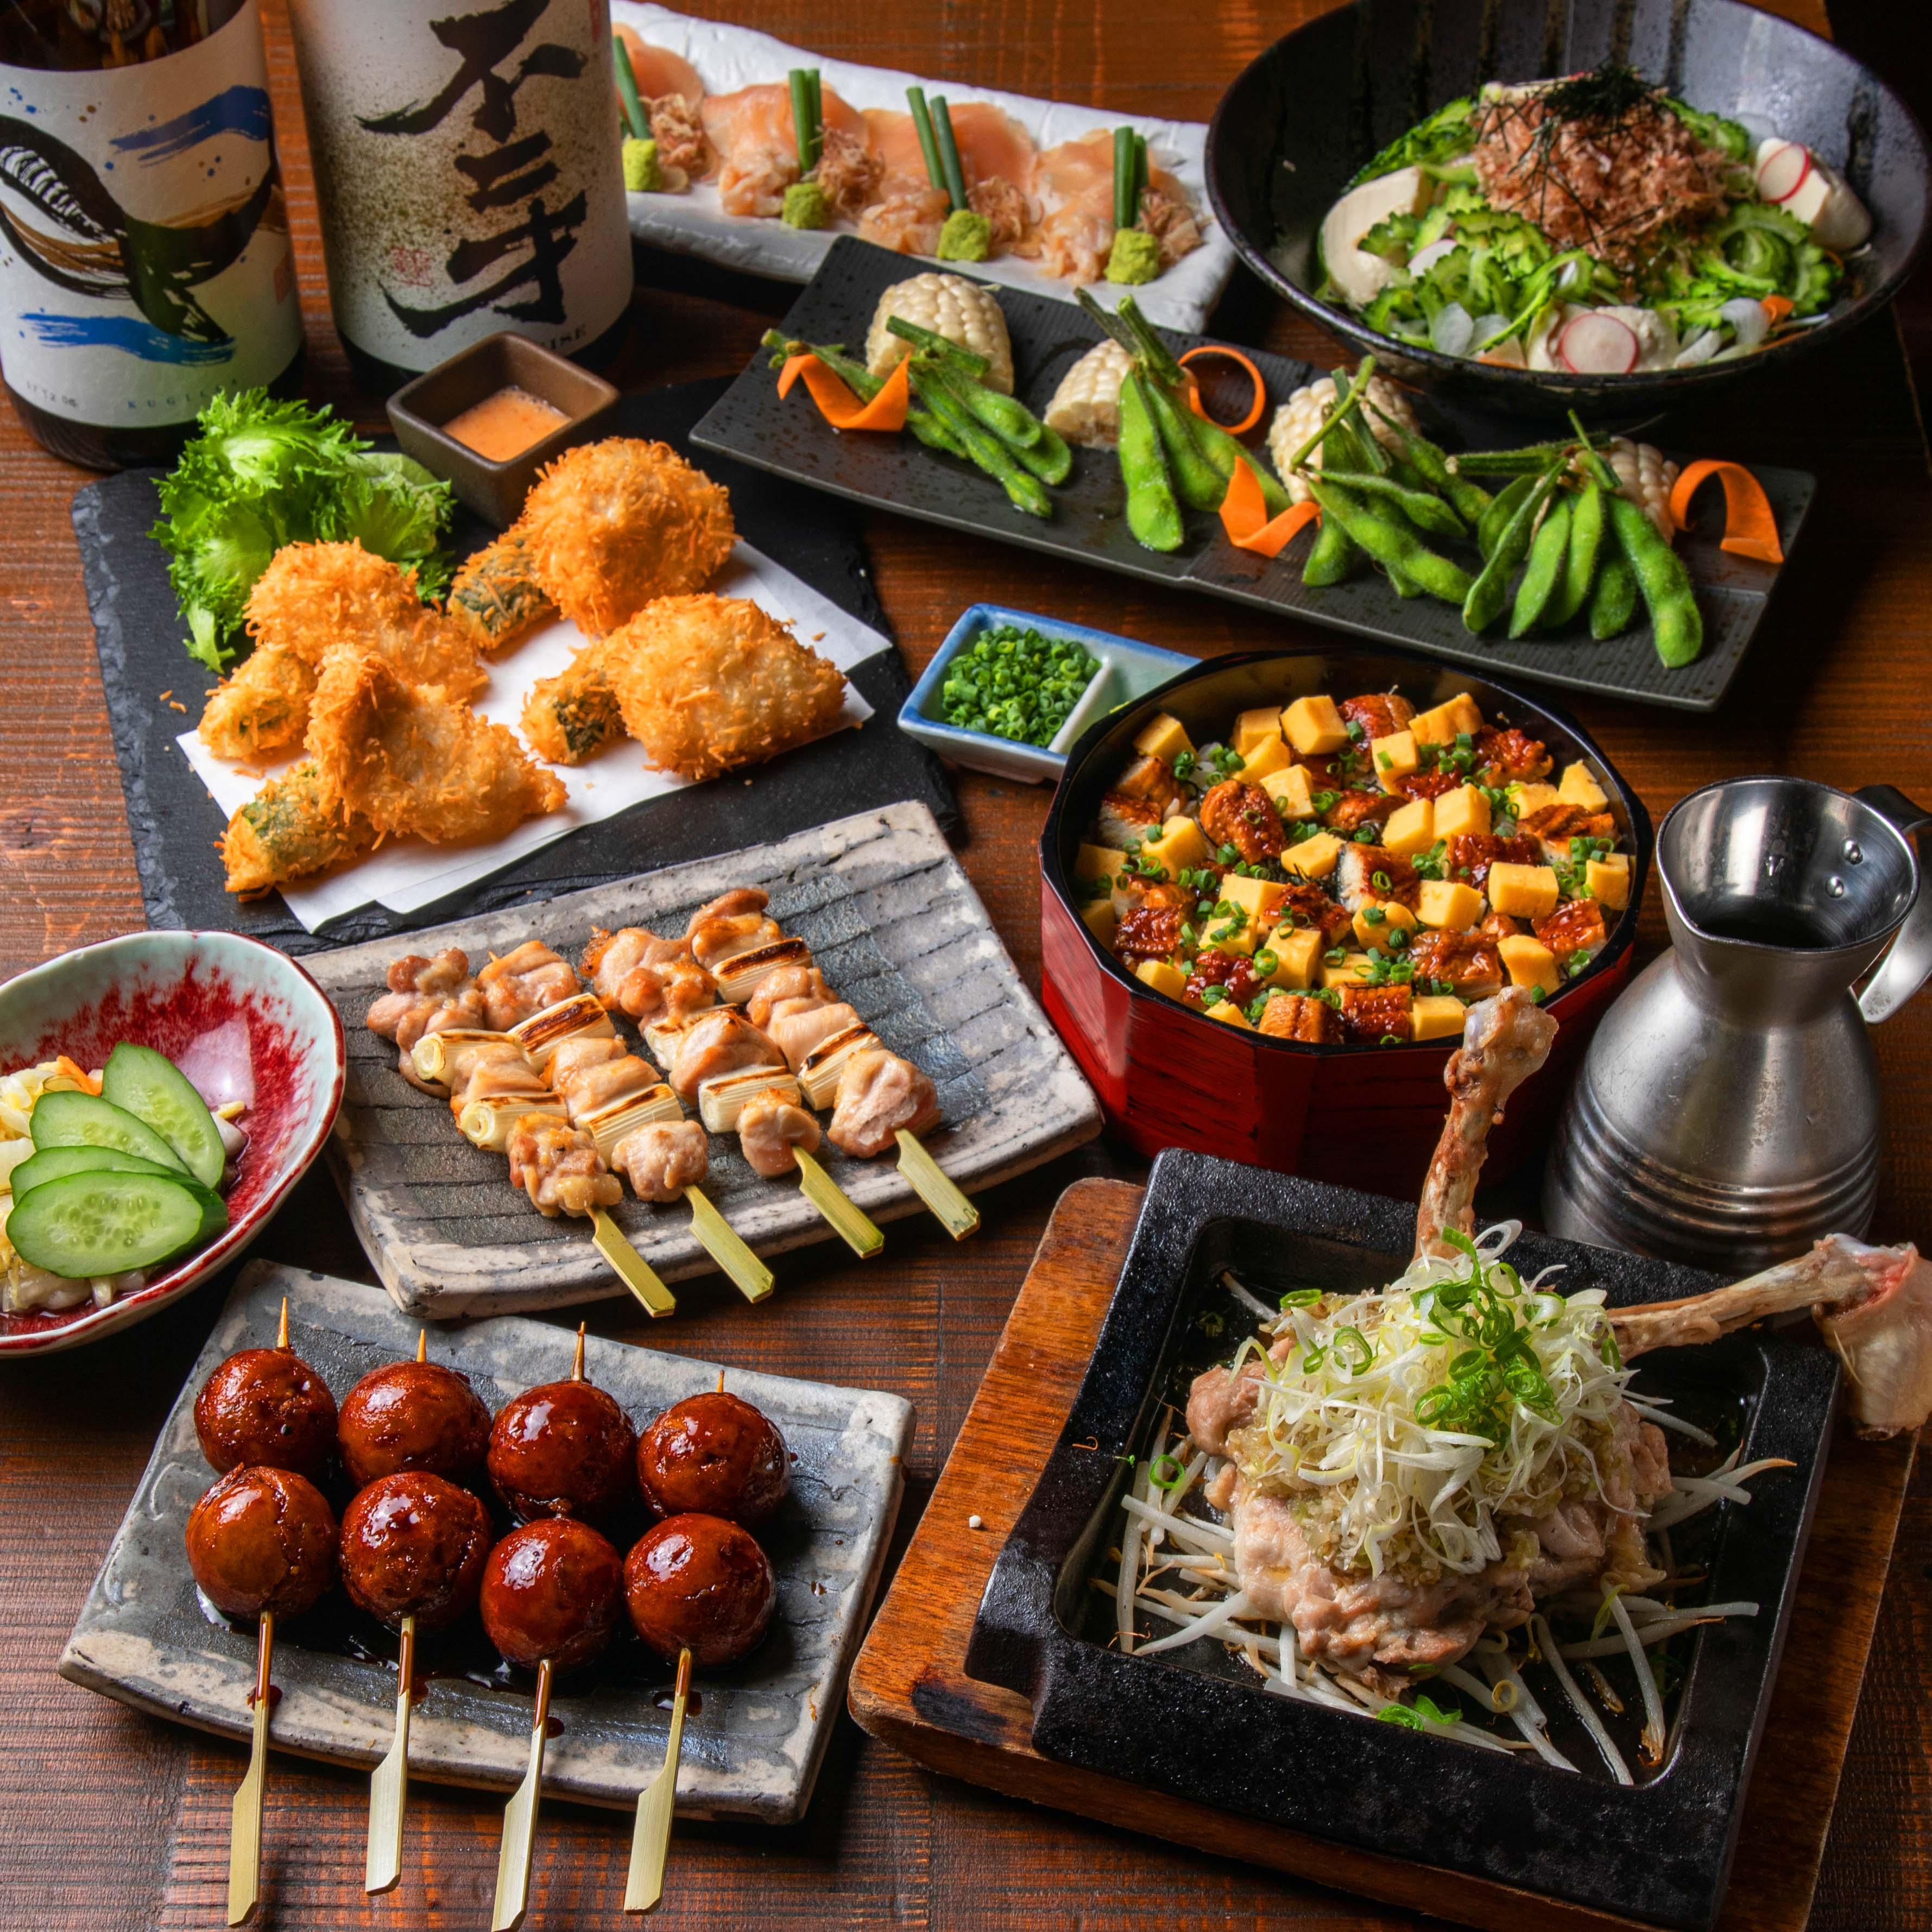 [お料理のみ] 【お食事に】筑波鶏もも肉一枚スパイシー焼きと炭火焼き鳥など9品